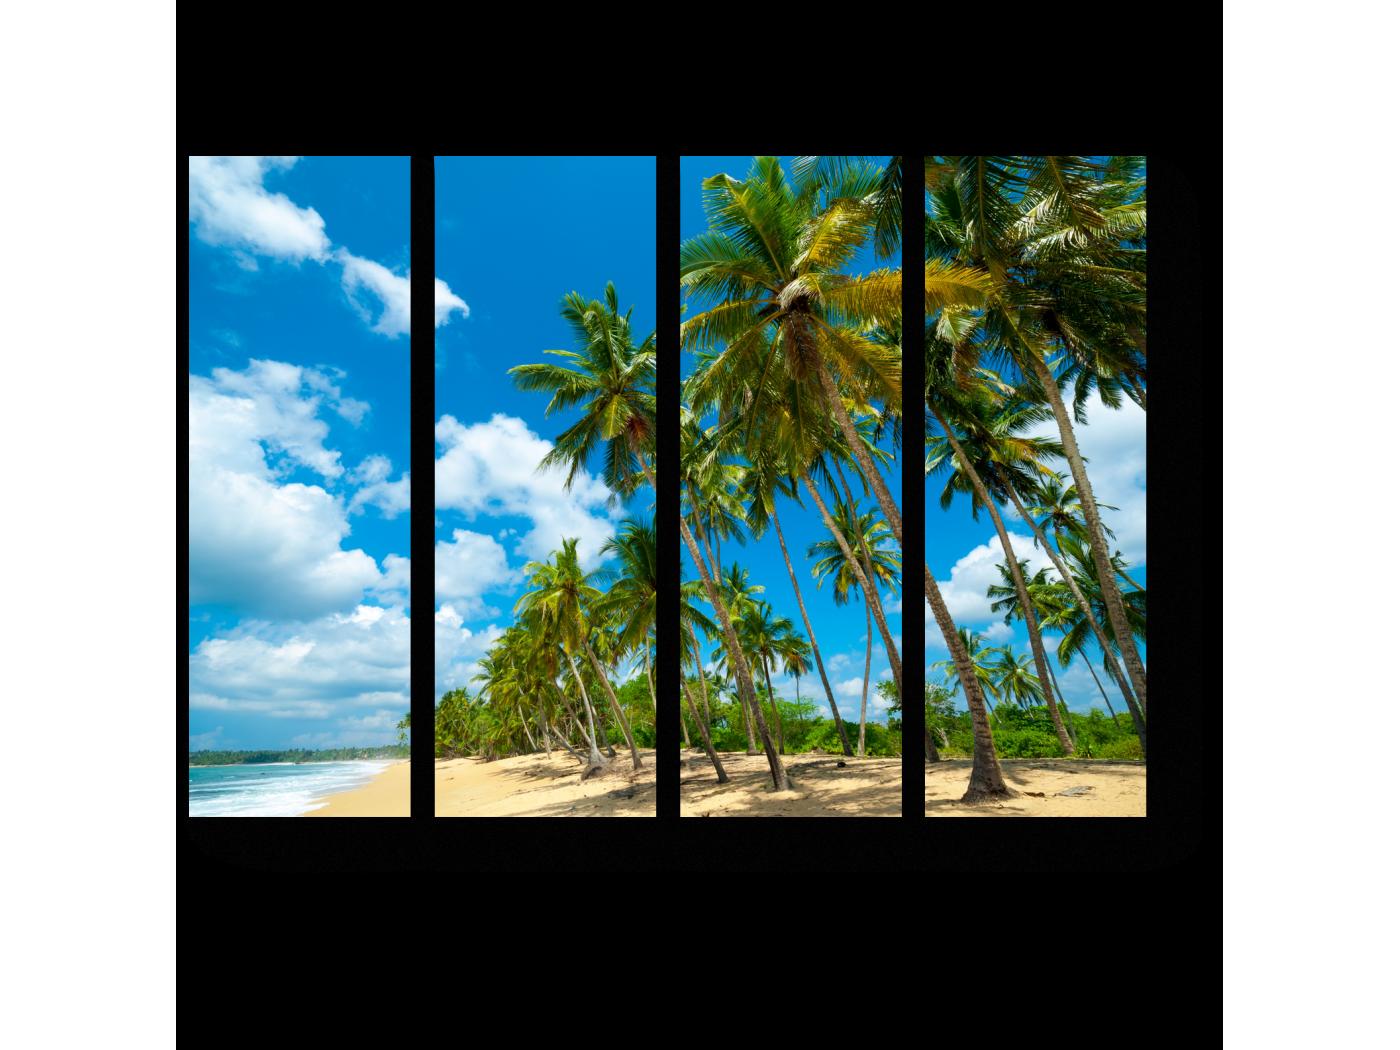 Модульная картина Пляж на Шри-Ланке (60x45) фото